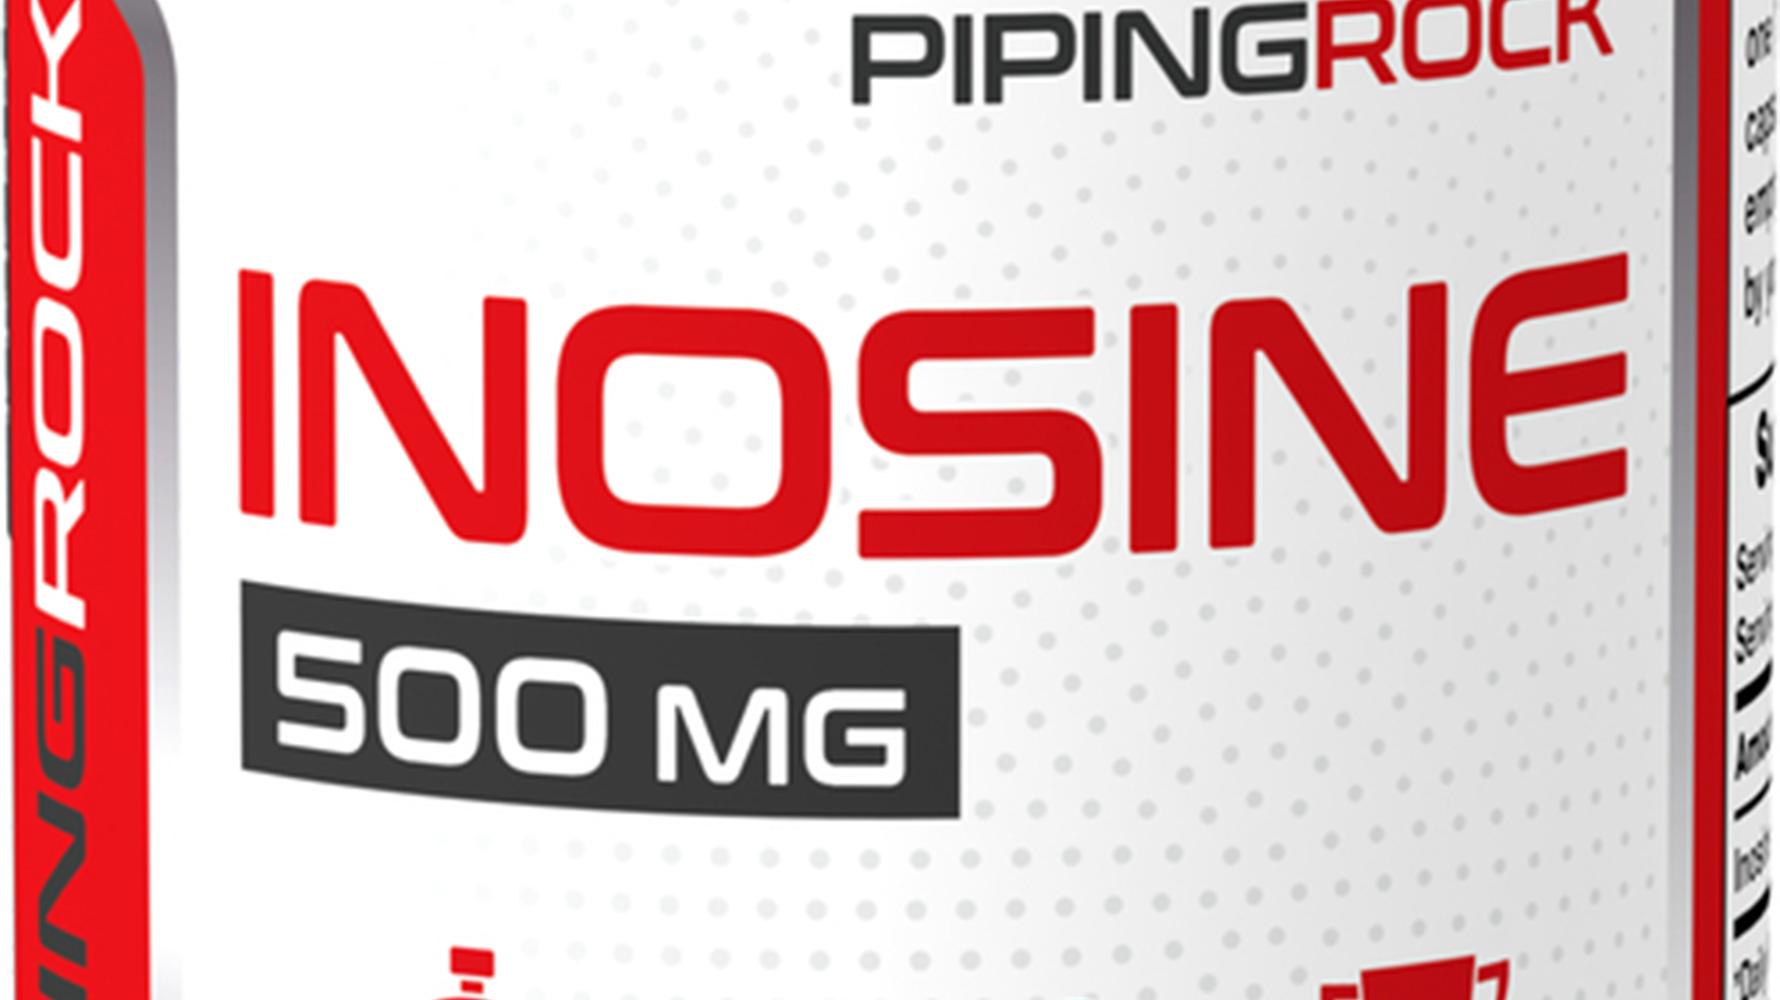 inosine non-steroid supplement